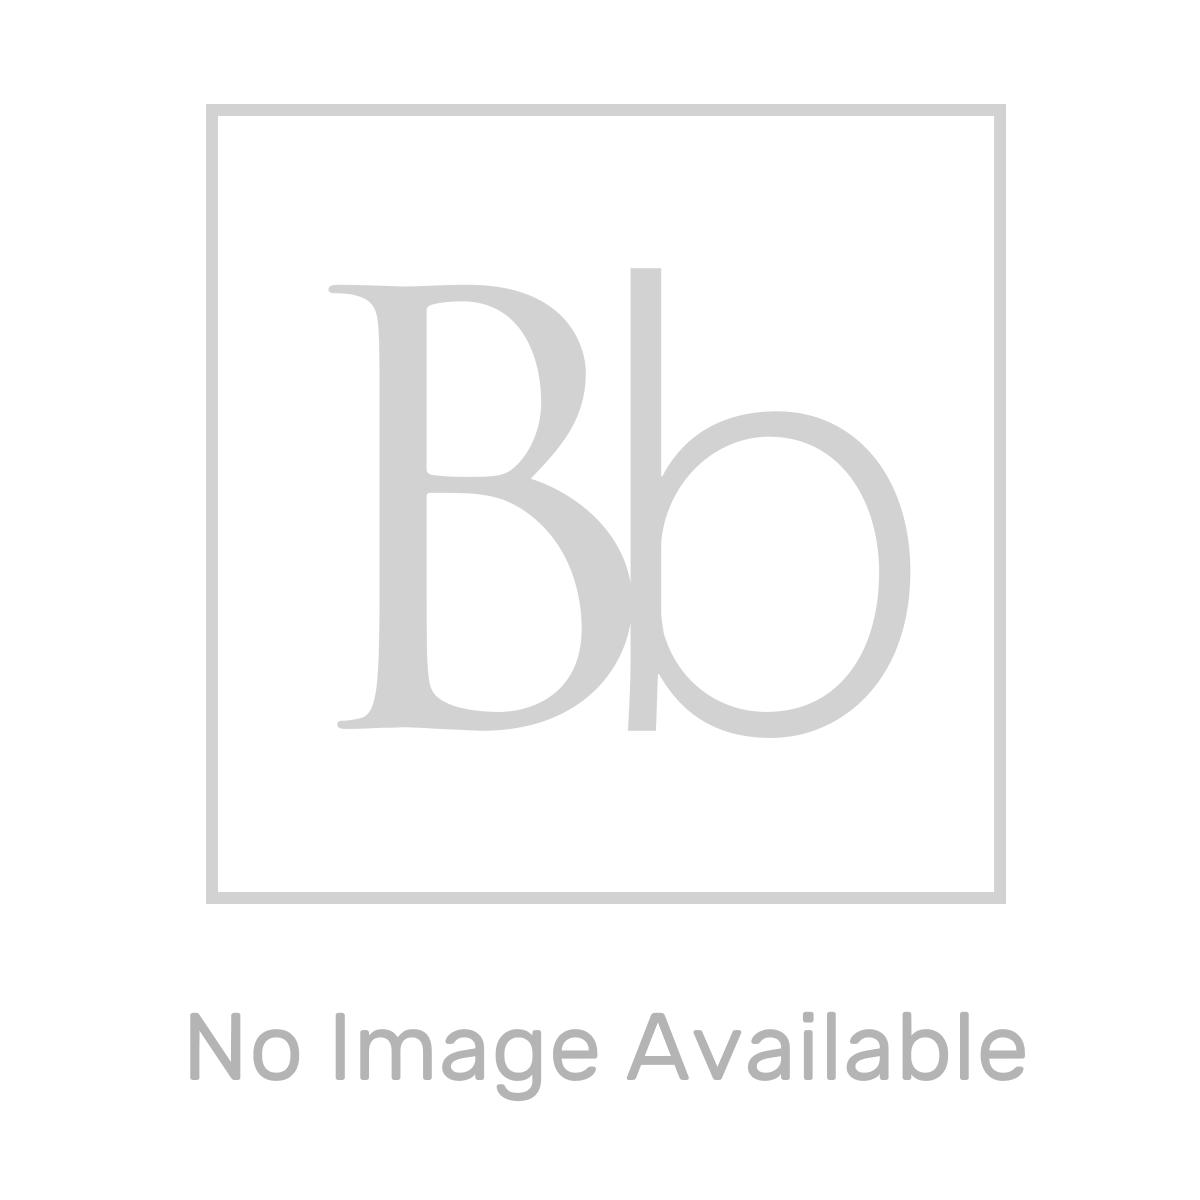 Lakes Classic White Pivot Shower Door